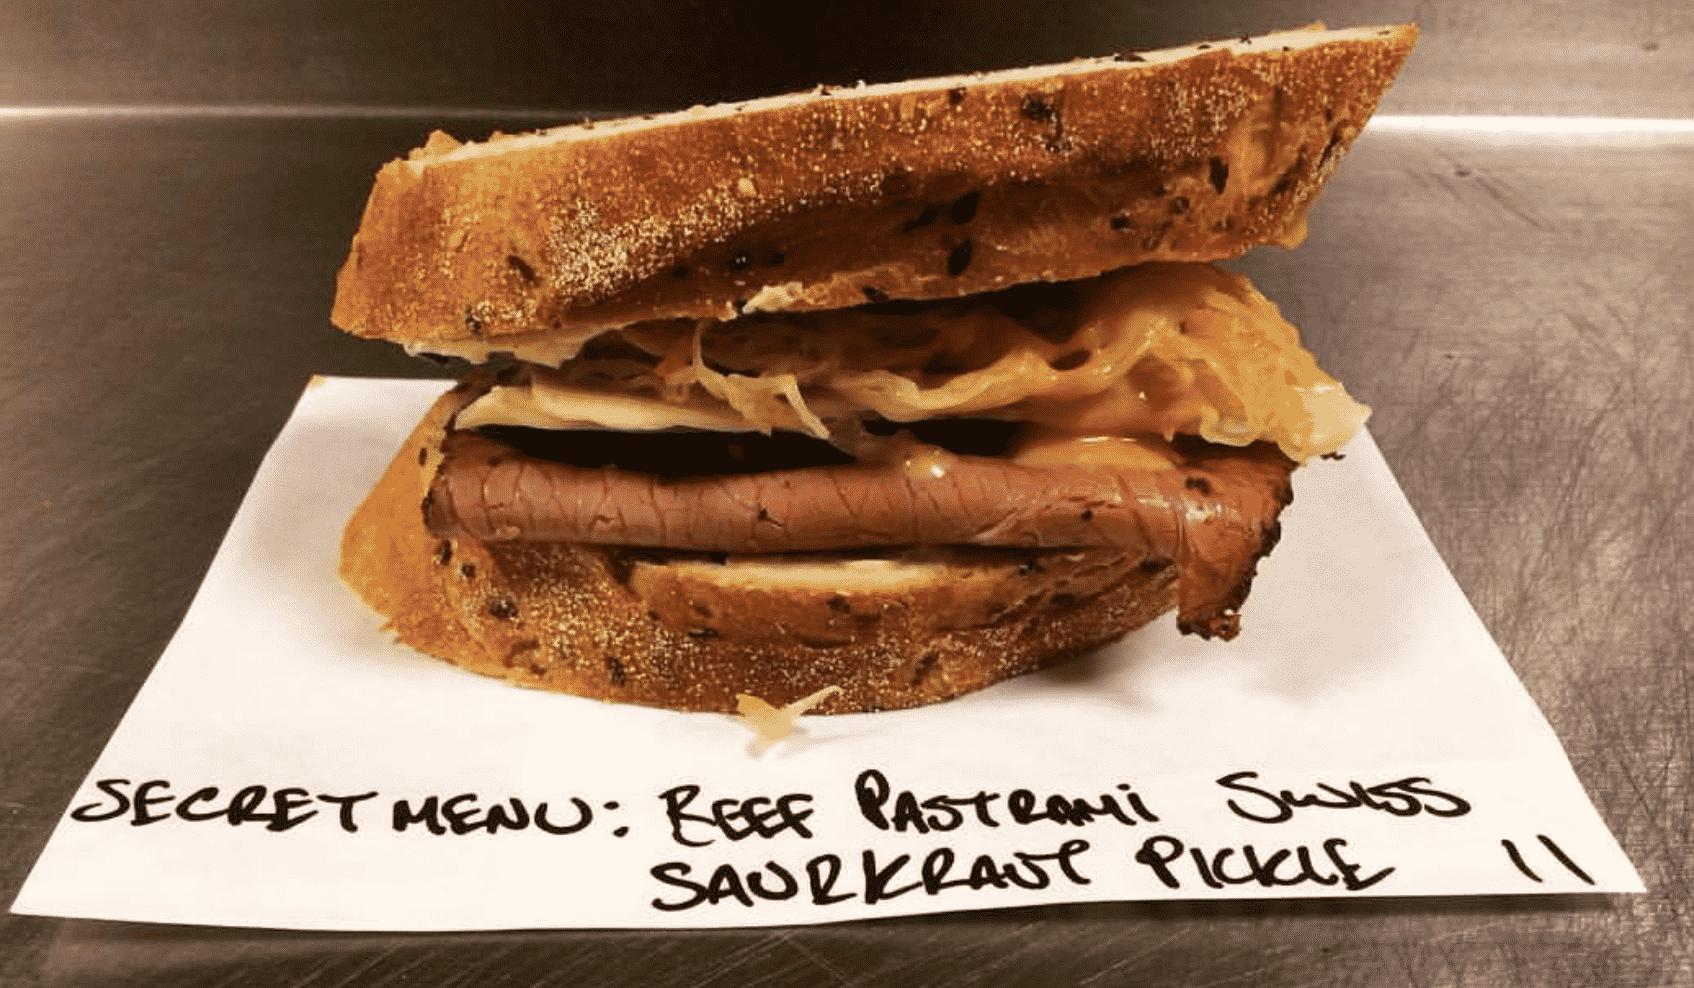 Australia sandwiches